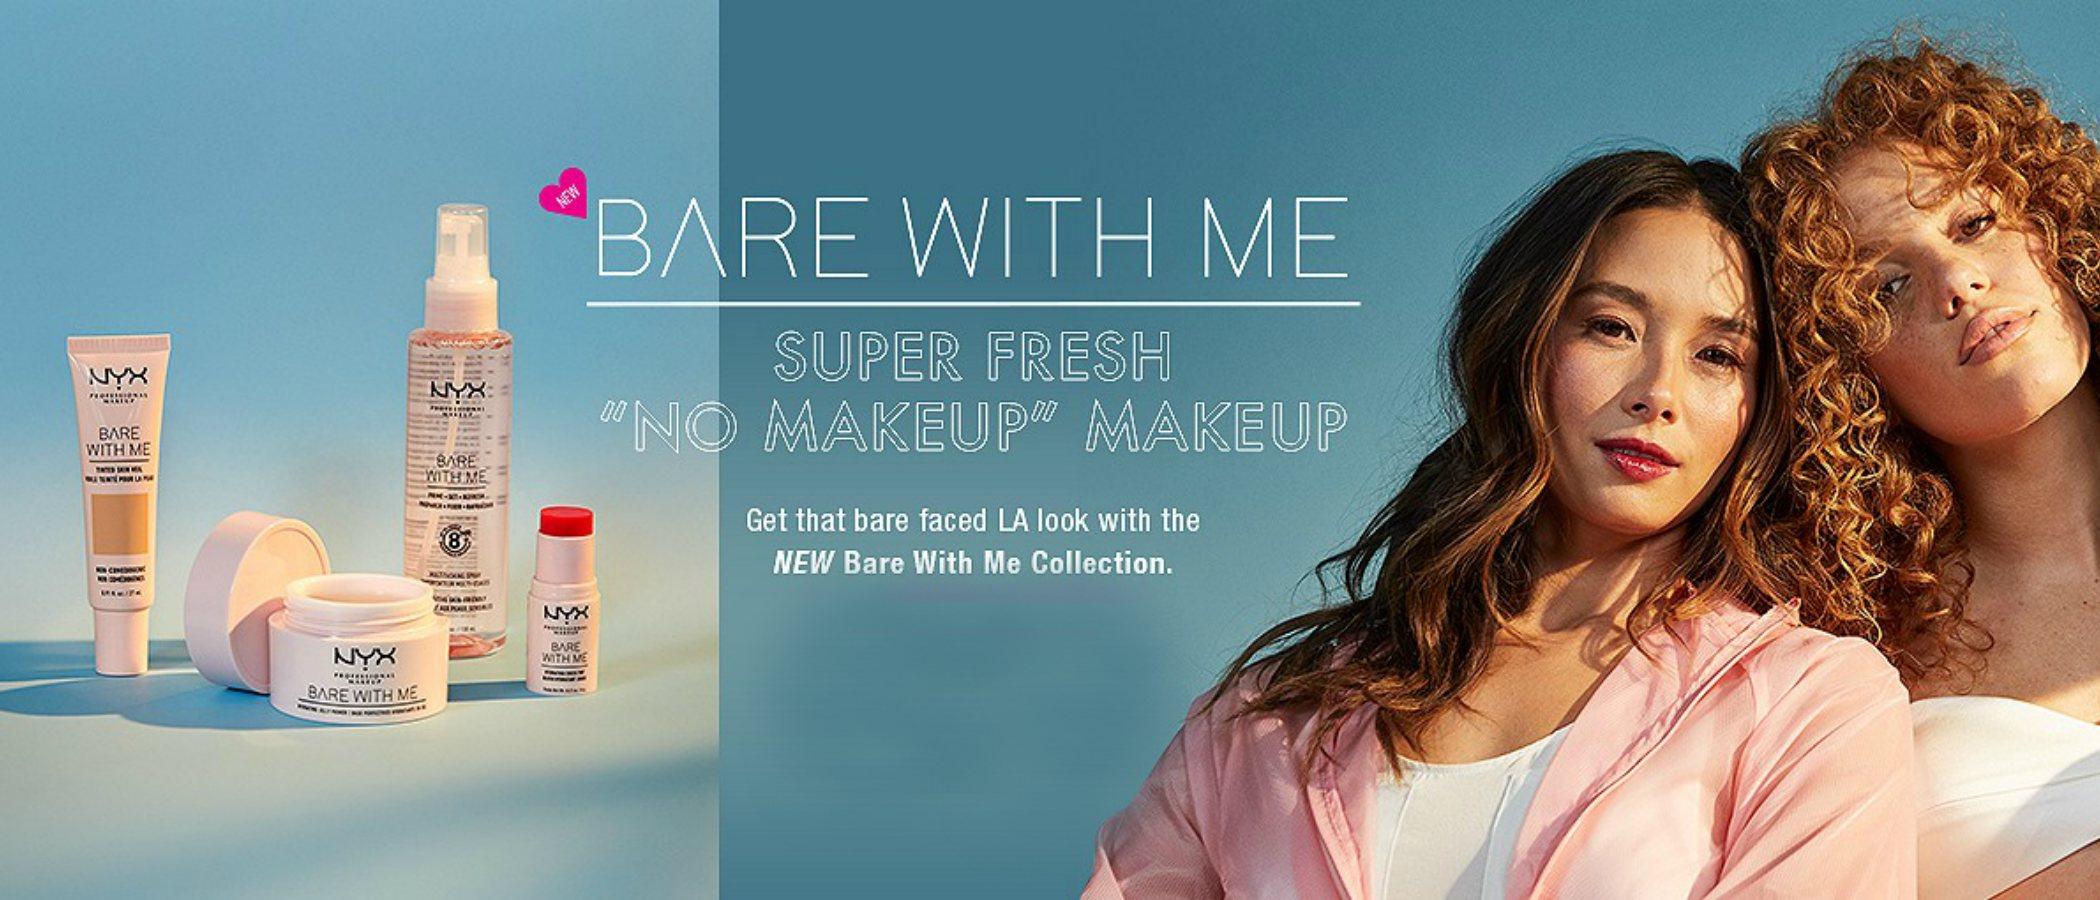 'Bare With Me', la colección de NYX con la que conseguir un look 'no makeup' este verano 2019